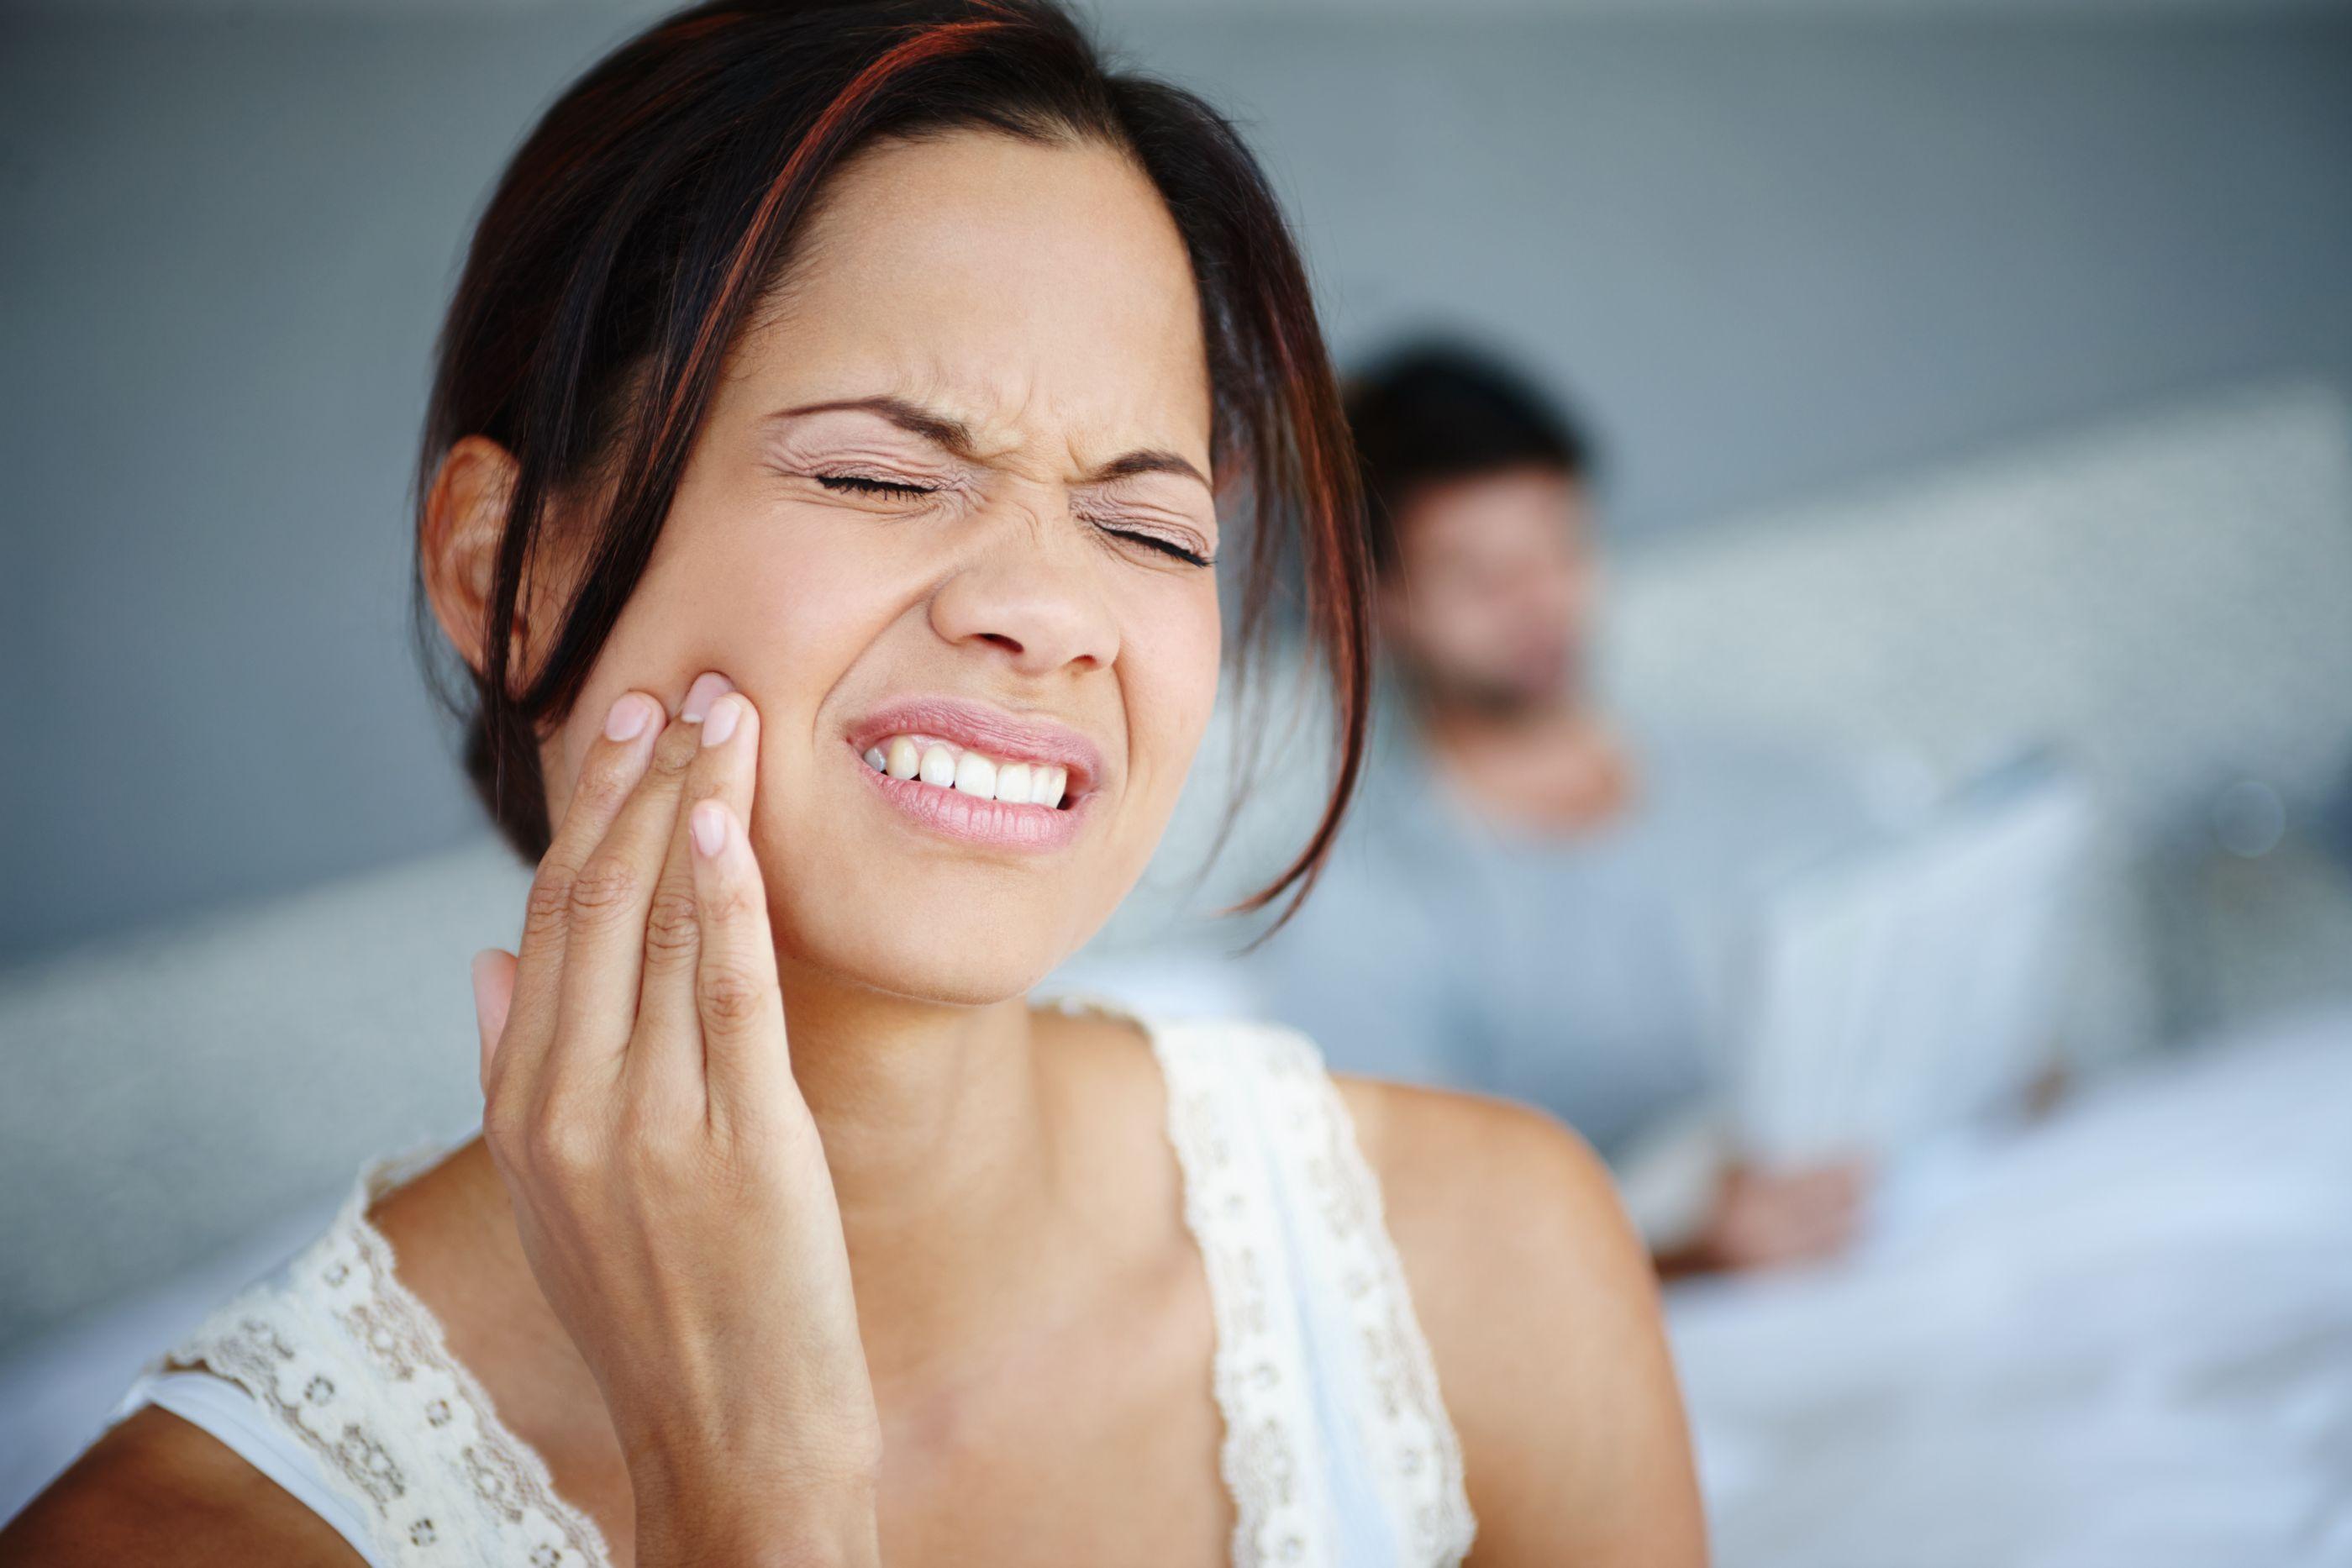 Falta de higiene oral pode trazer complicações cardíacas